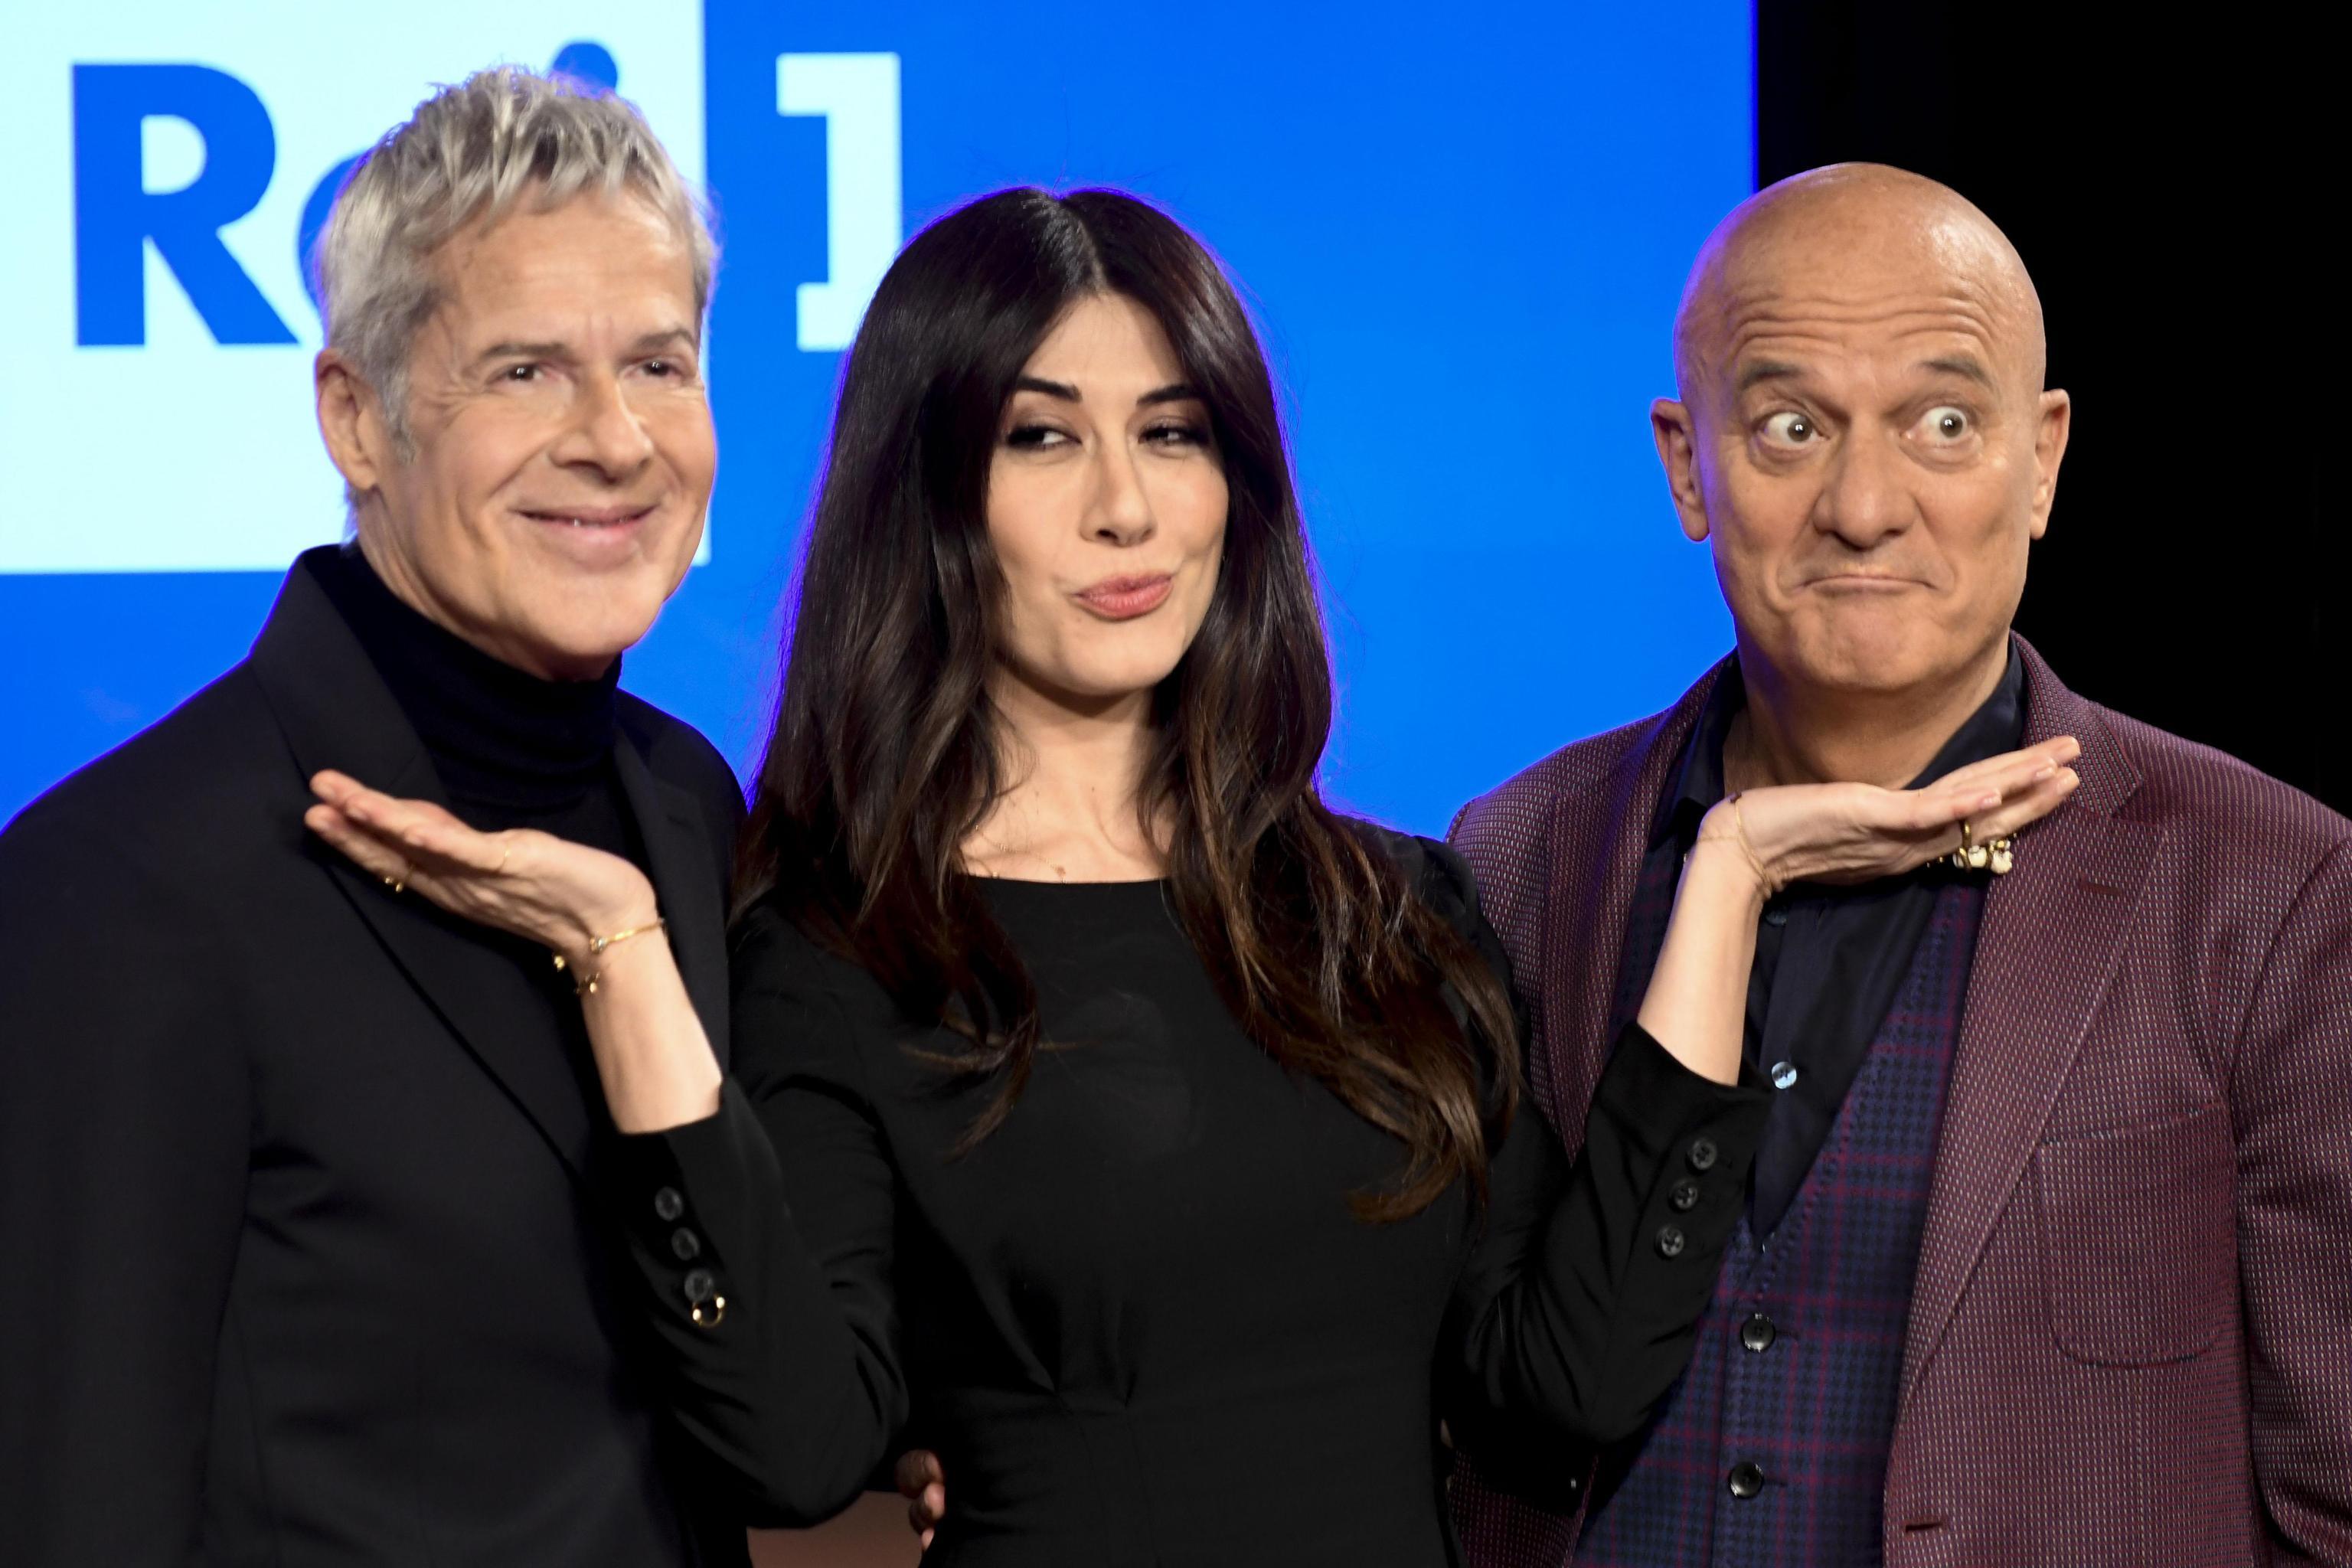 Sanremo 2019, no agli ospiti internazionali. Baglioni: 'Prevale la linea autarchica'